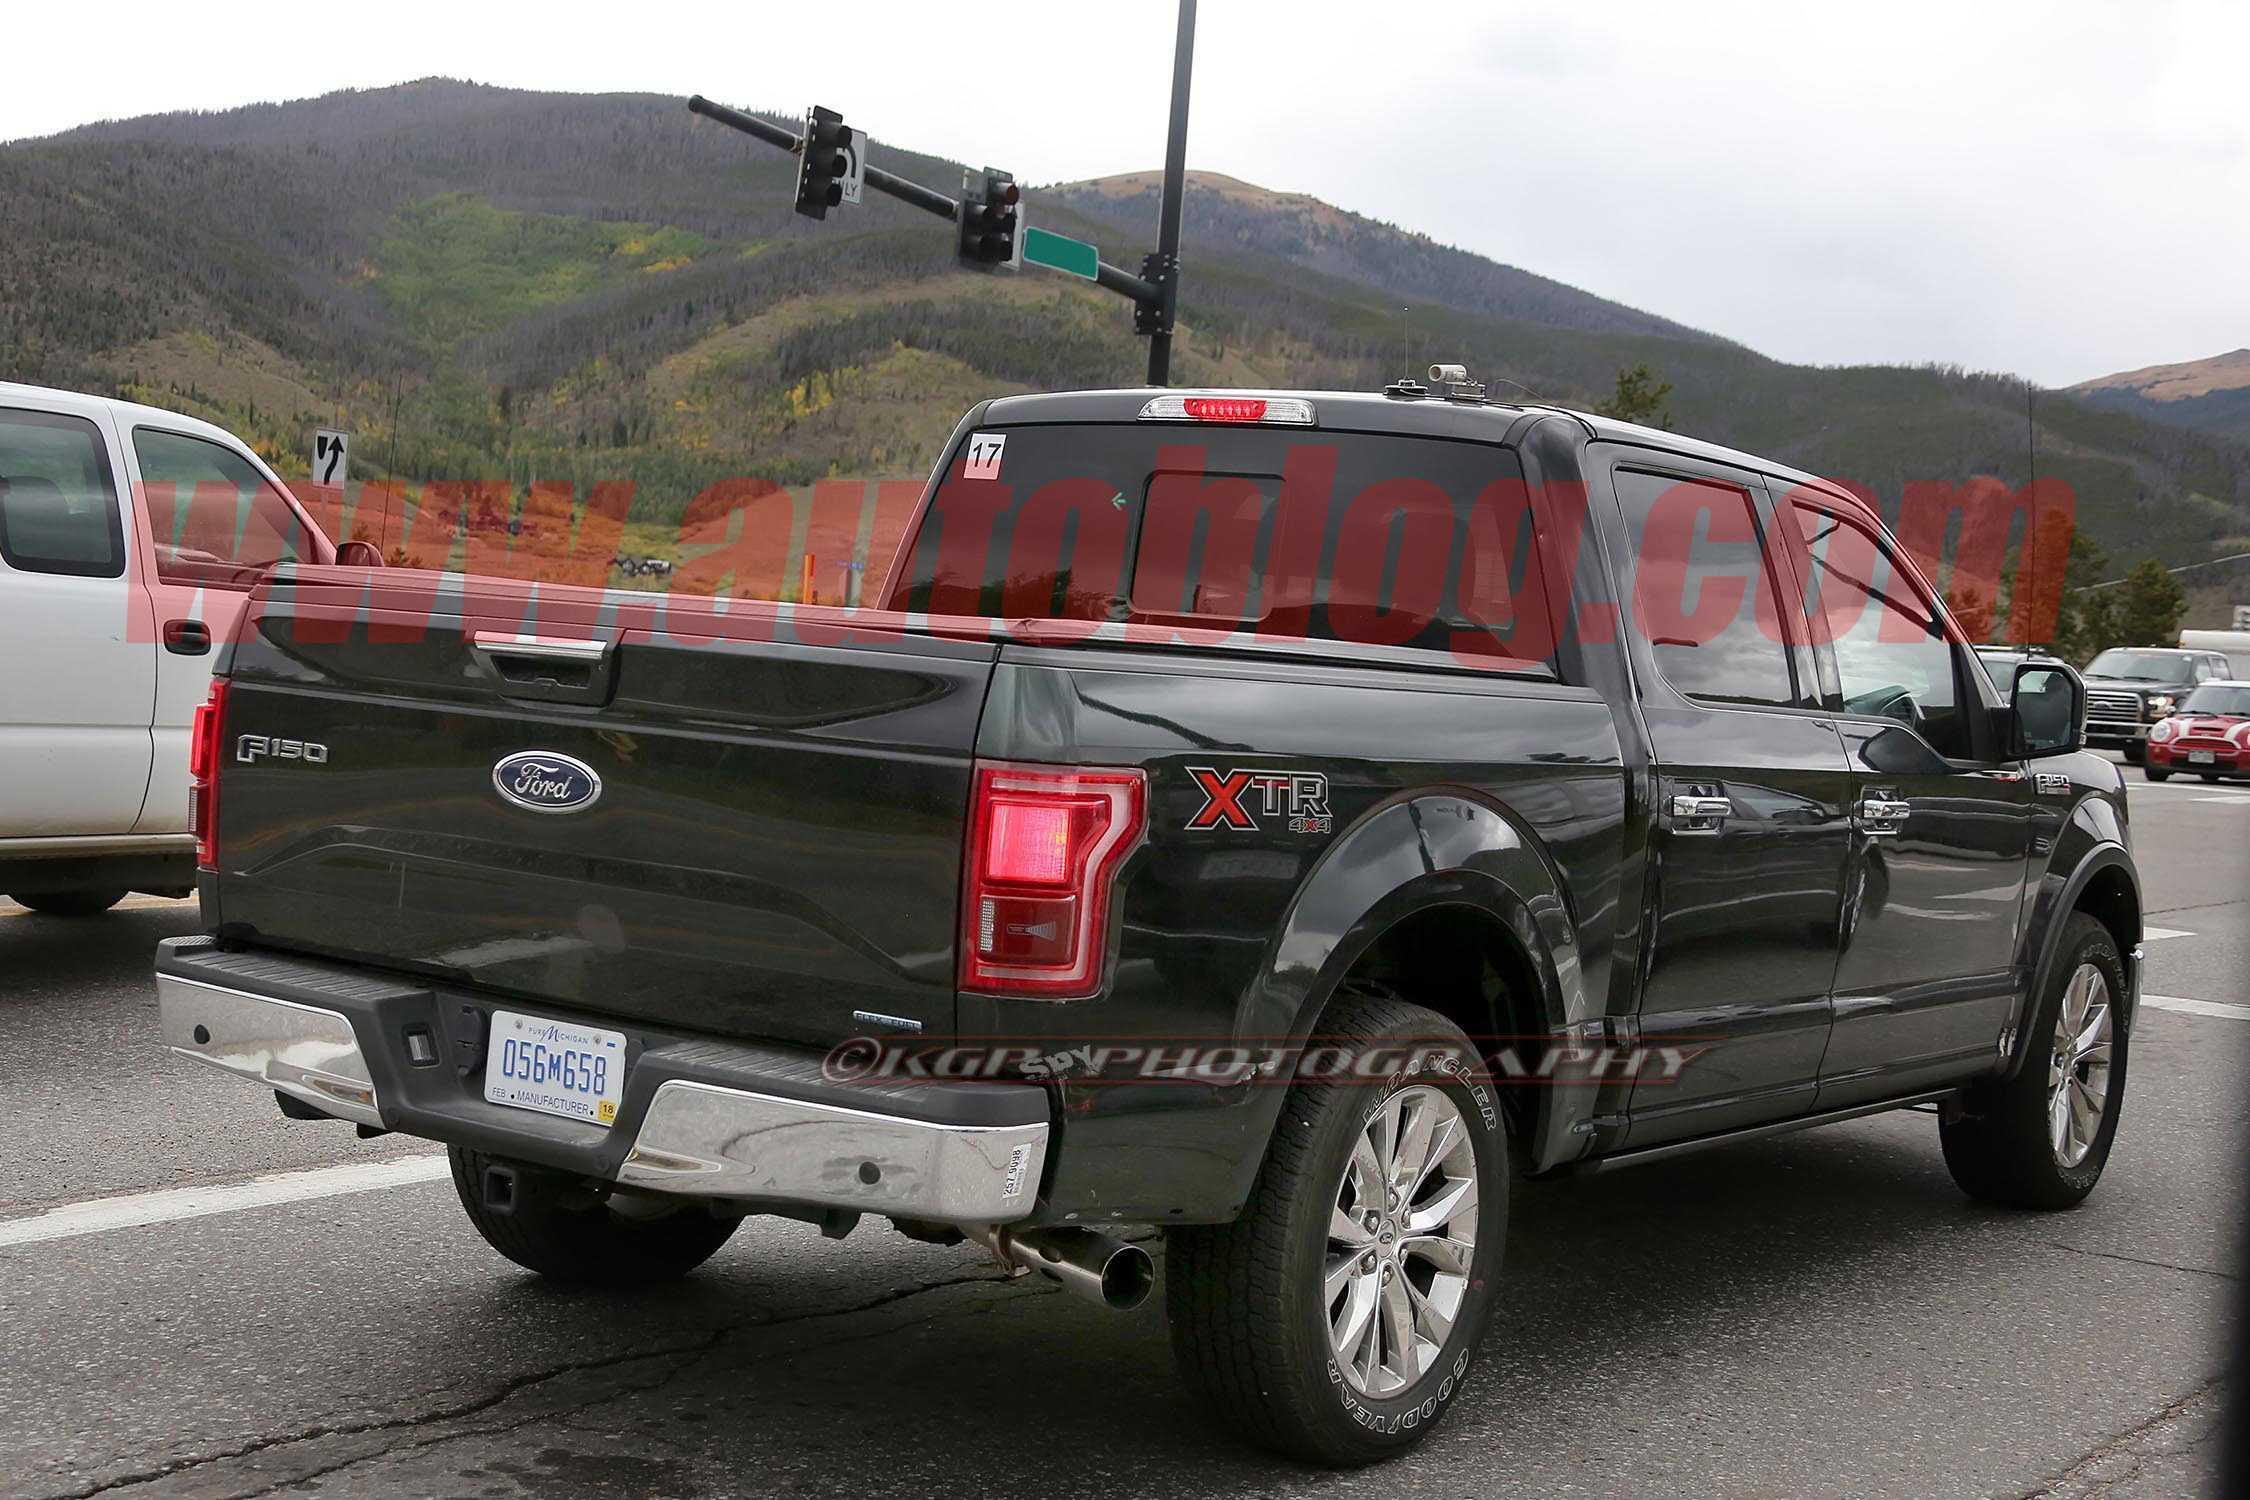 Ford prepara una F150 diesel con un 3.0L V6 de 254 caballos - Rutamotor